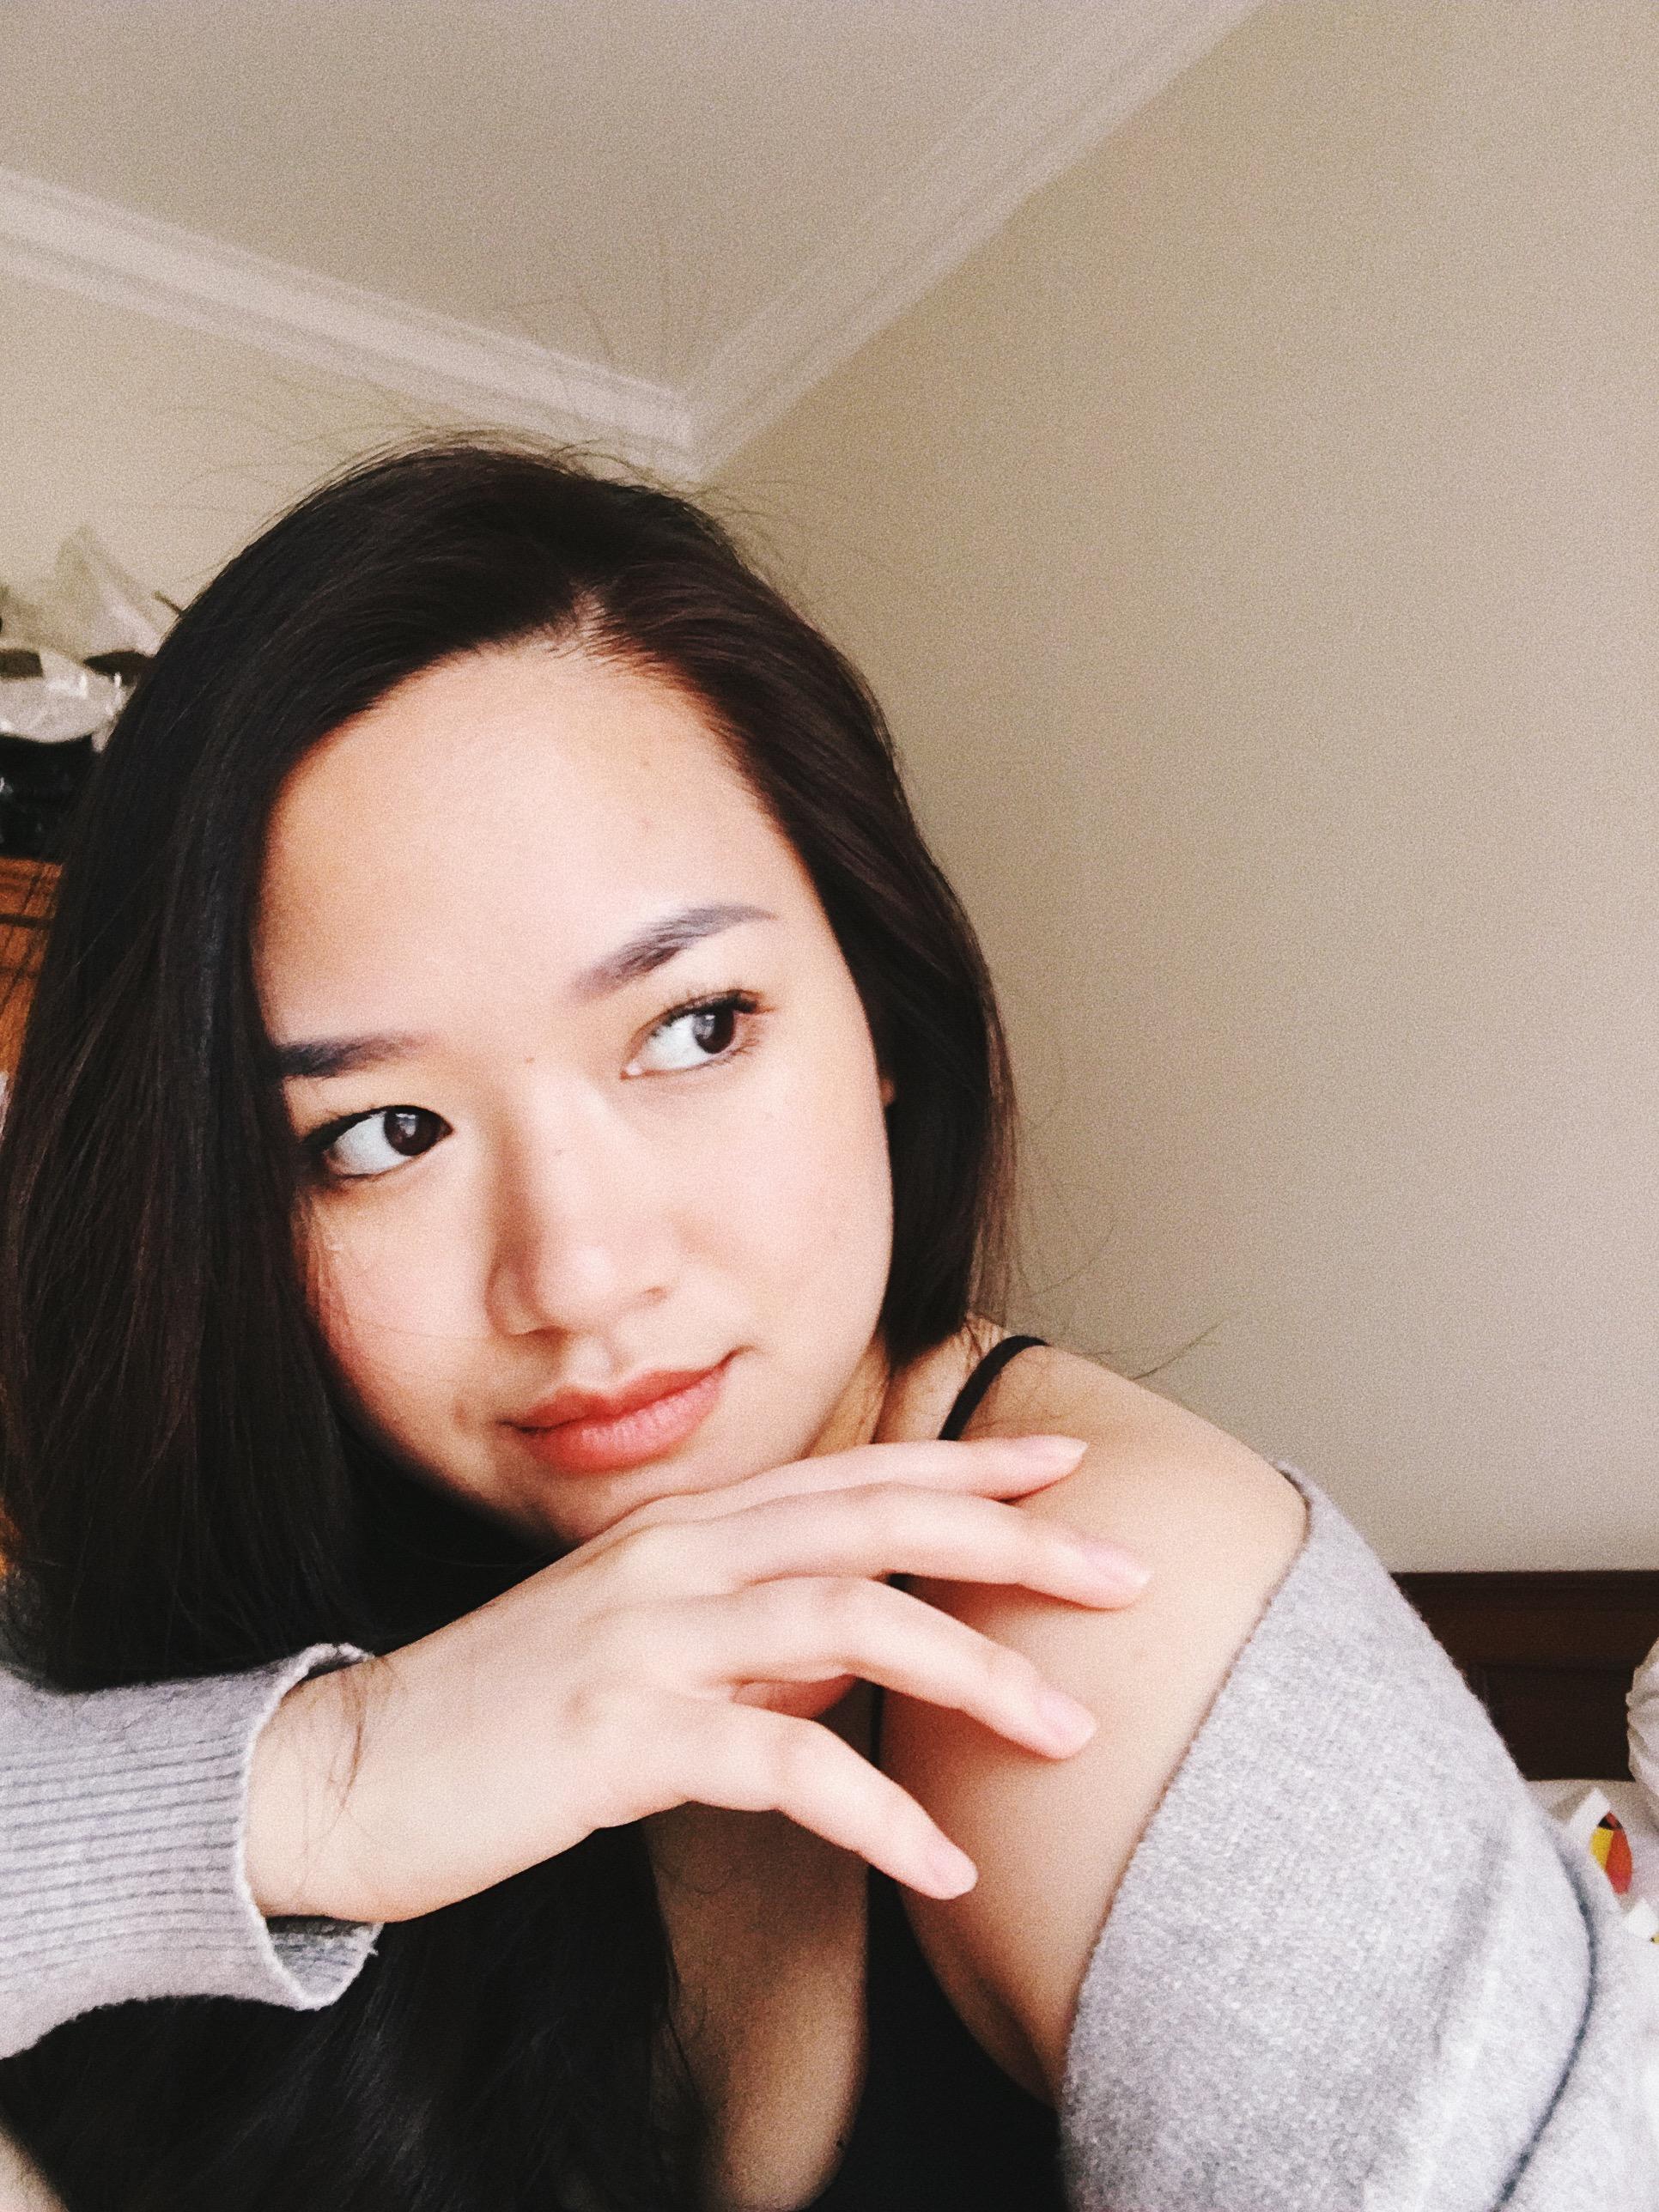 Mona on my lips and cheeks